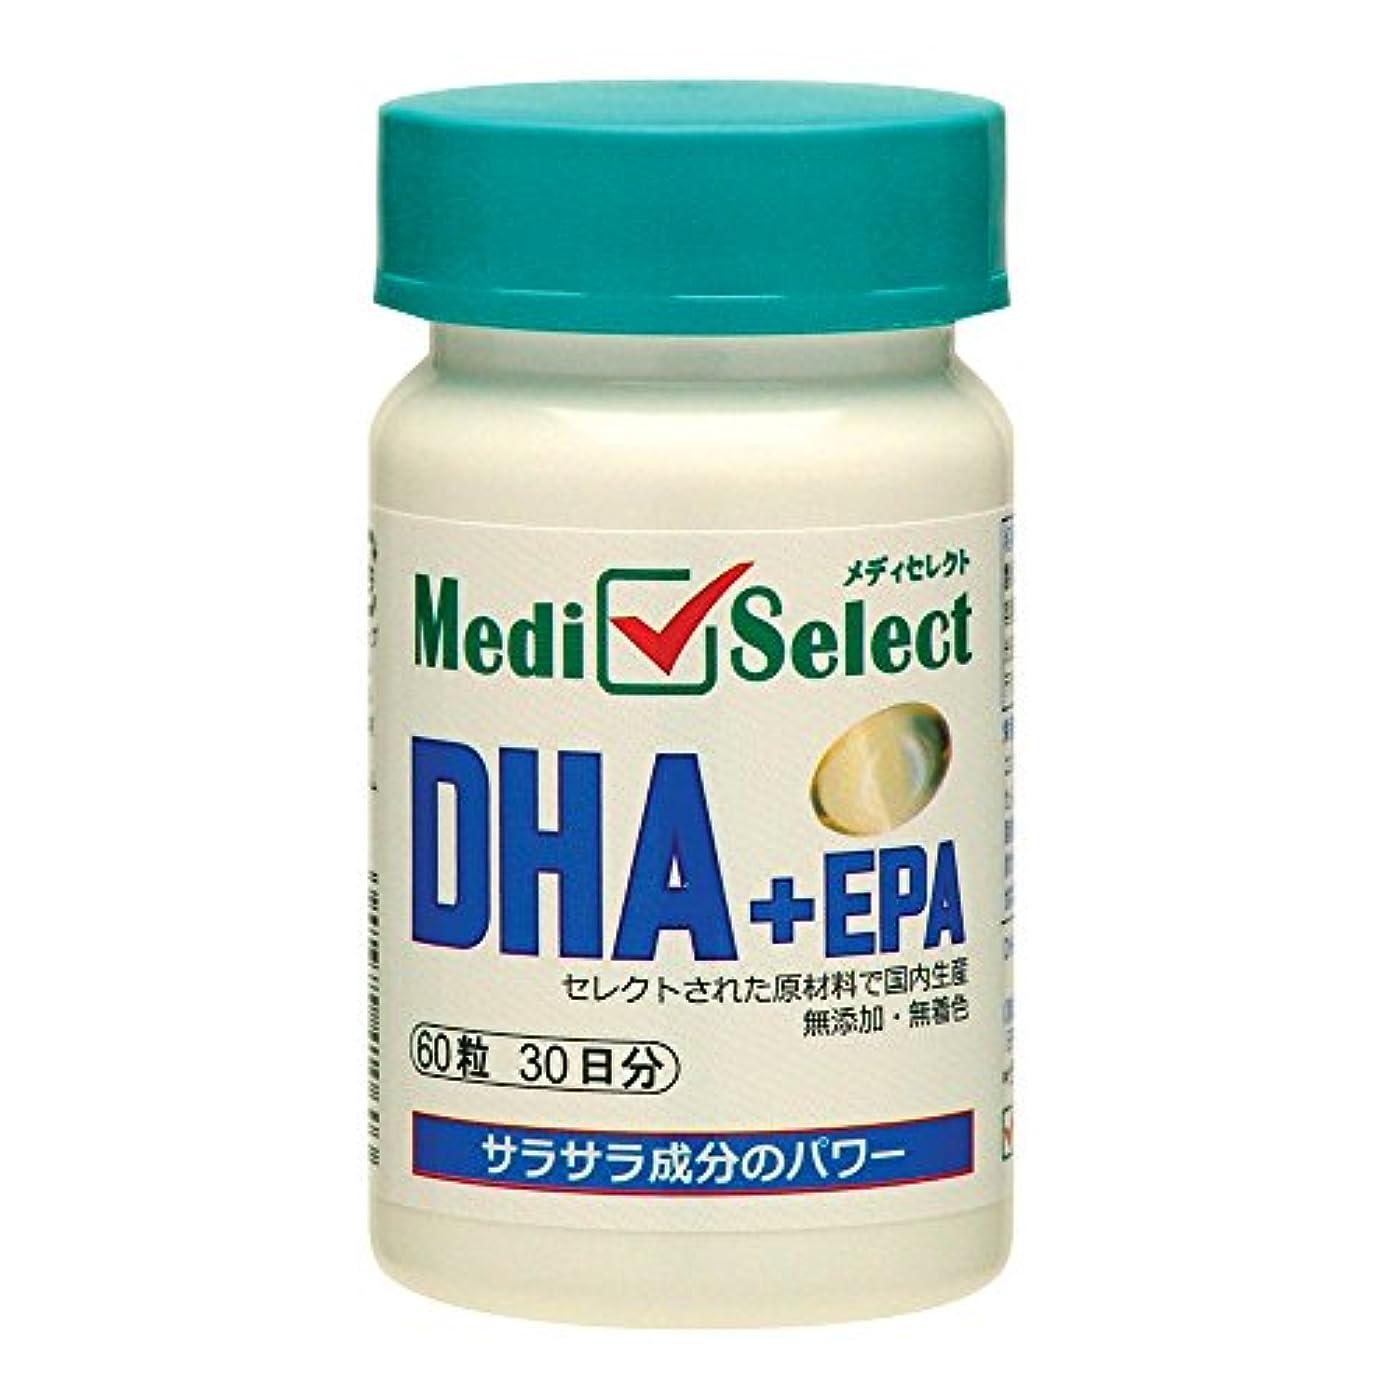 白鳥消費者トレーダーメディセレクト DHA+EPA 60粒(30日分)